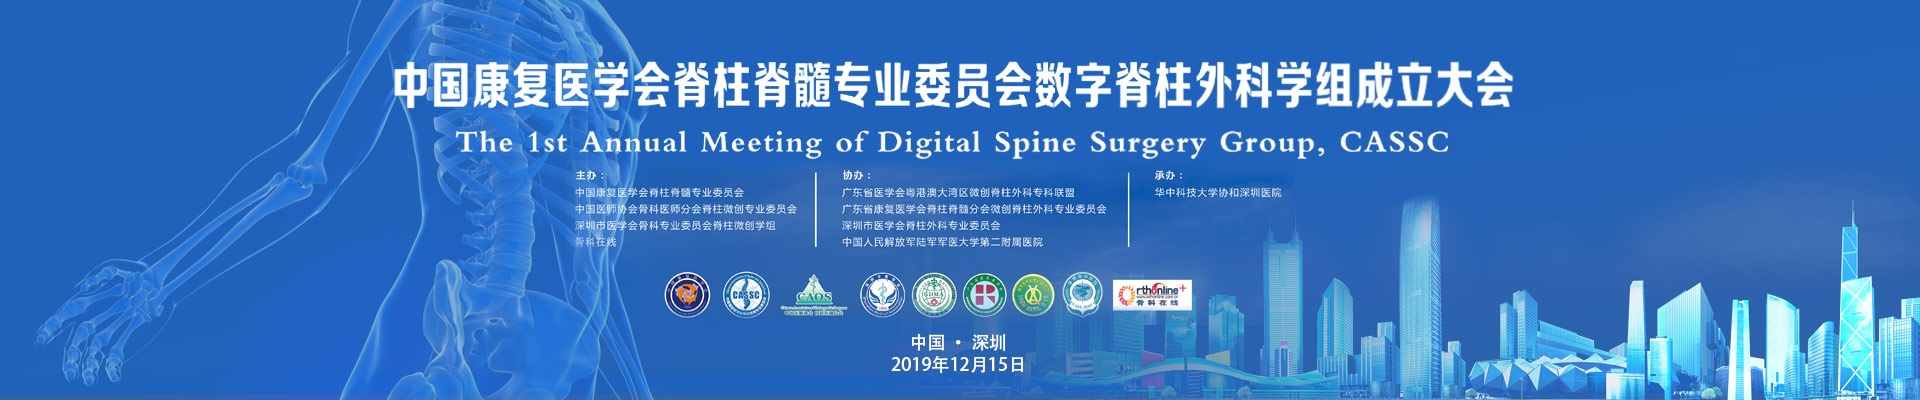 中國康復醫學會脊柱脊髓專業委員會(CASSC)數字脊柱外科學組成立大會